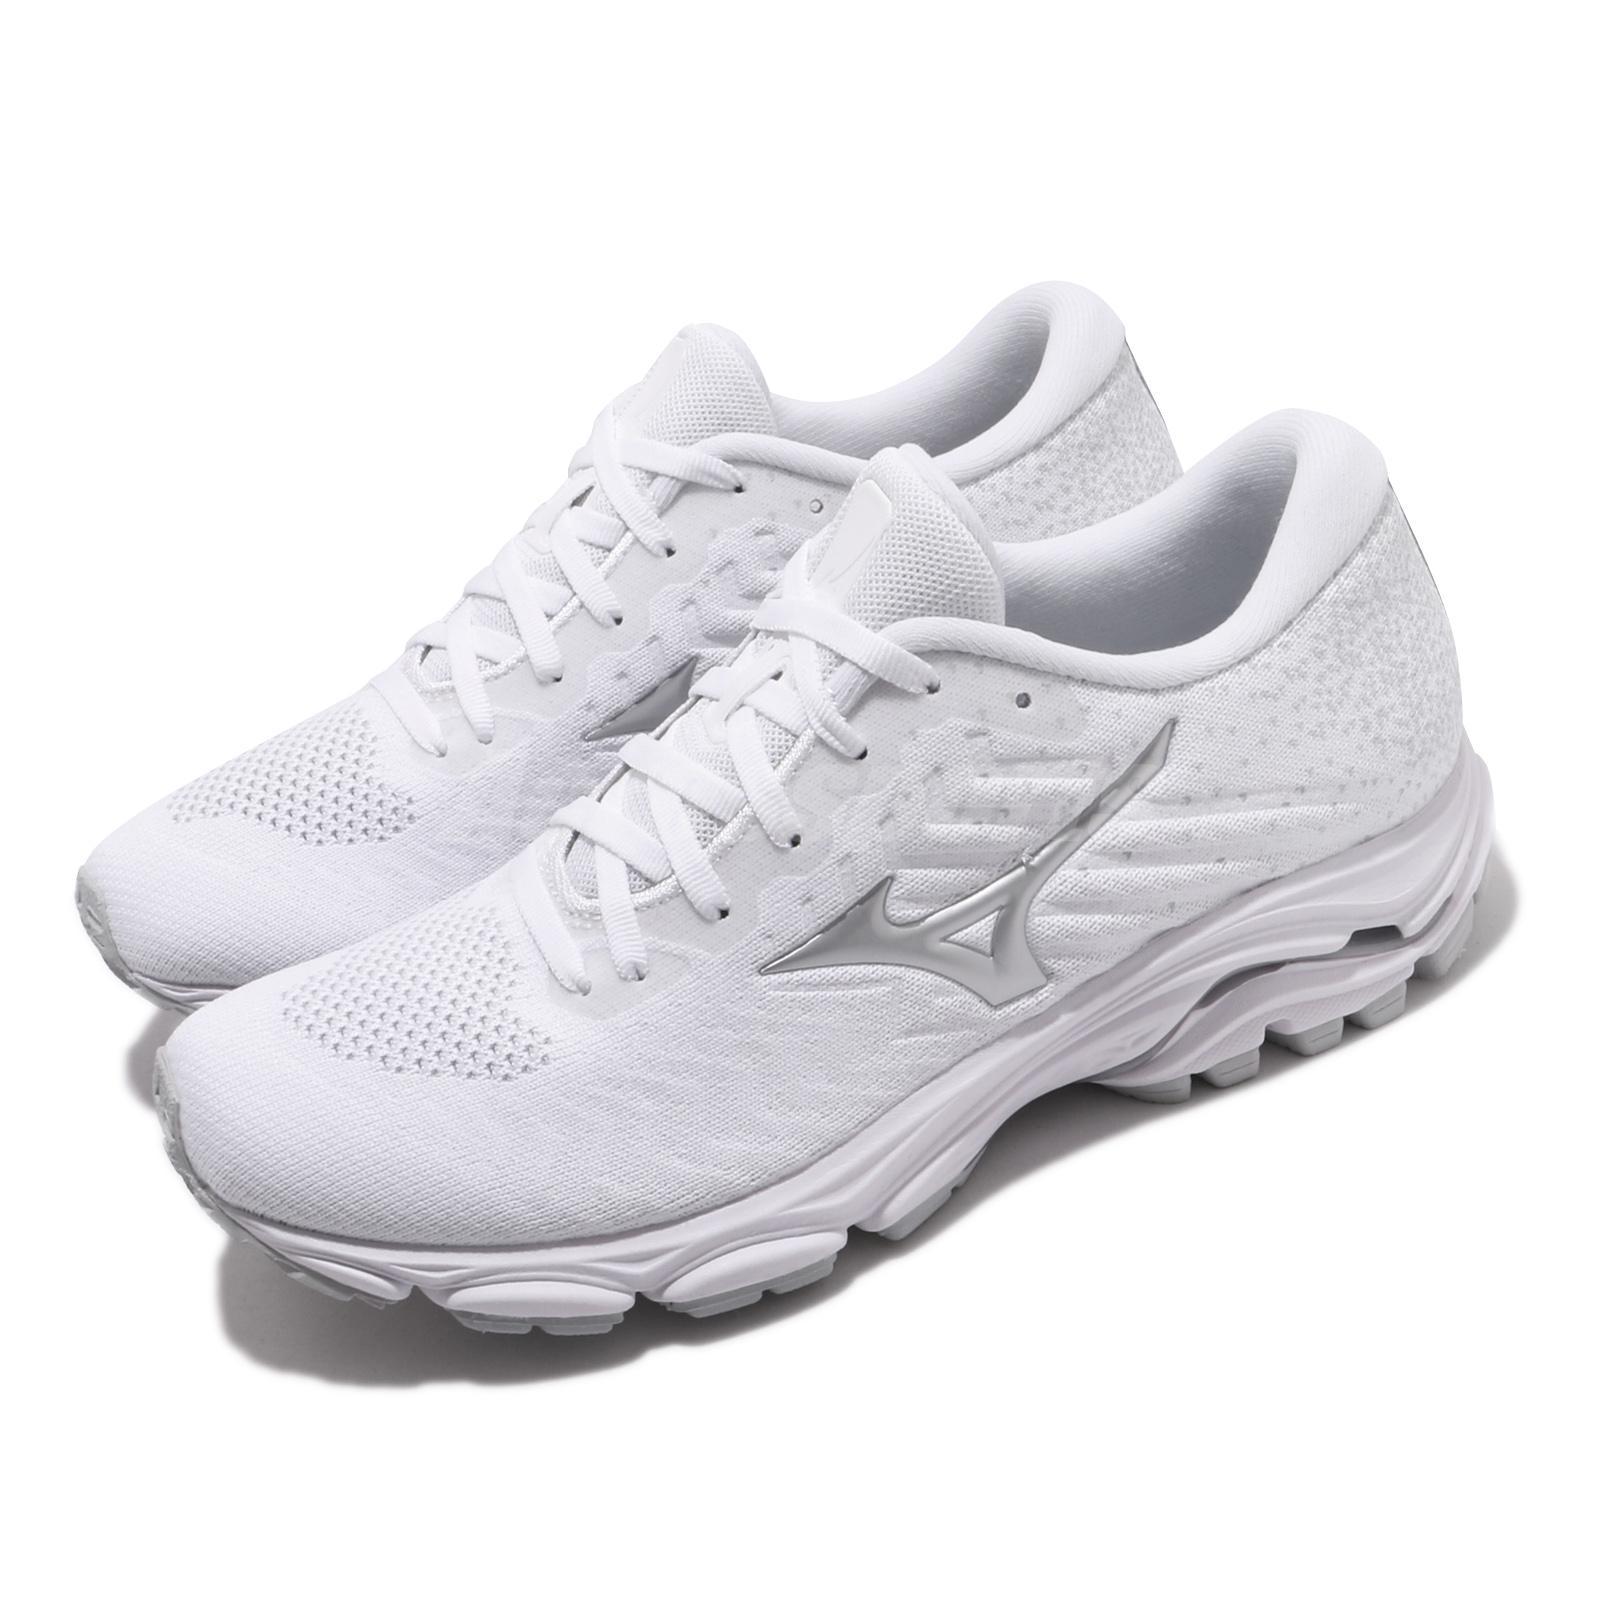 mizuno shoes size table in usa esta dama